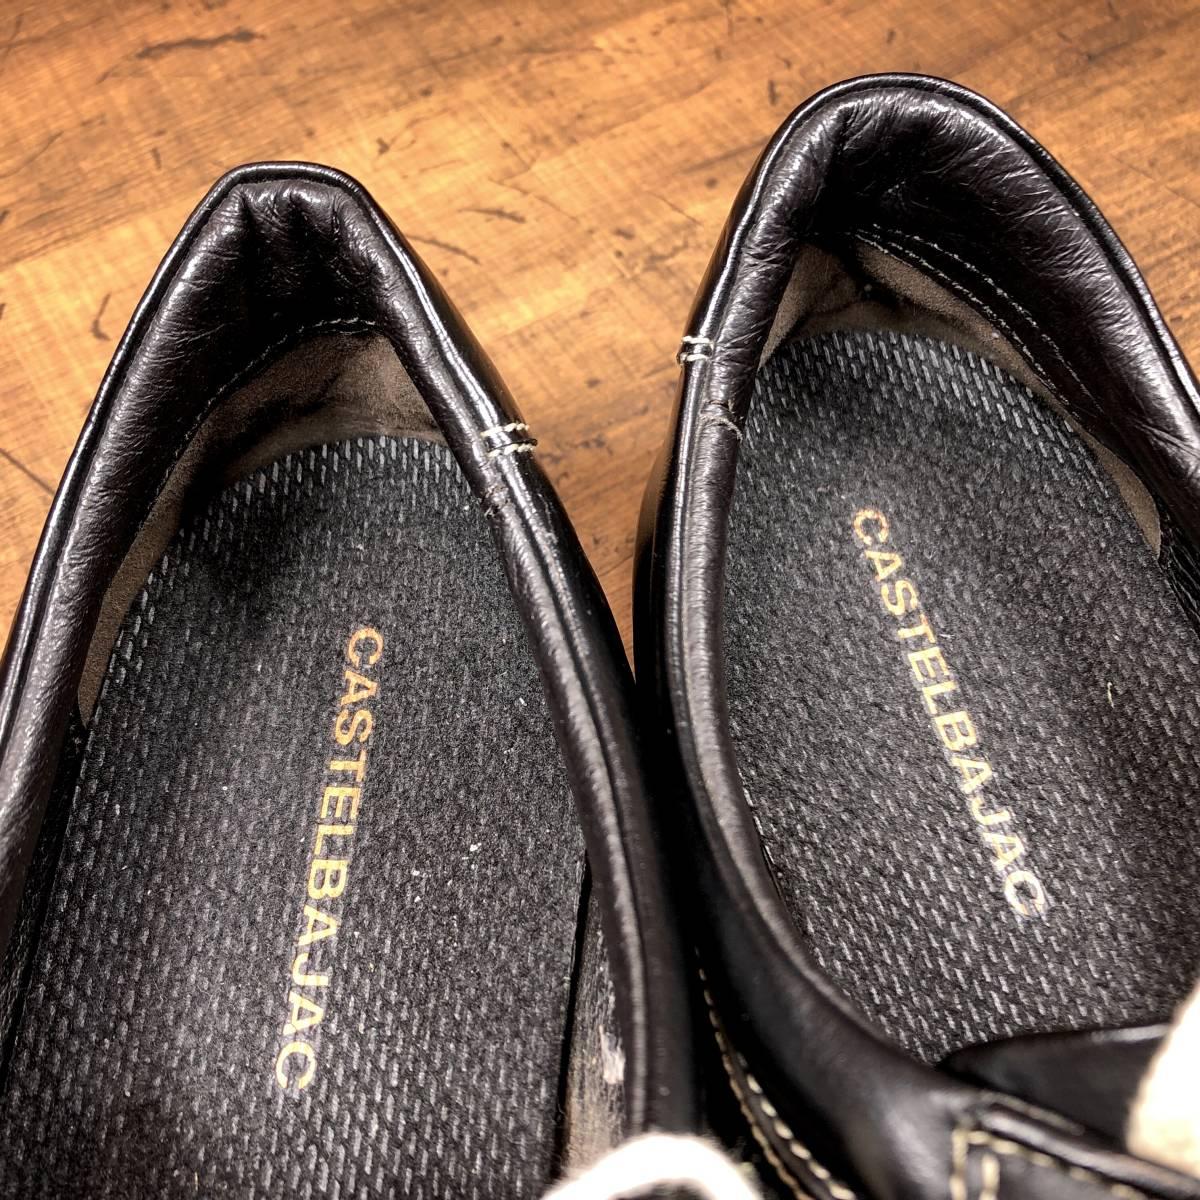 ■CASTELBAJAC■ 26cm 黒 ブラック カステルバジャック スニーカー メンズ 靴 くつ 中古 ヤフネコ 即決_画像8